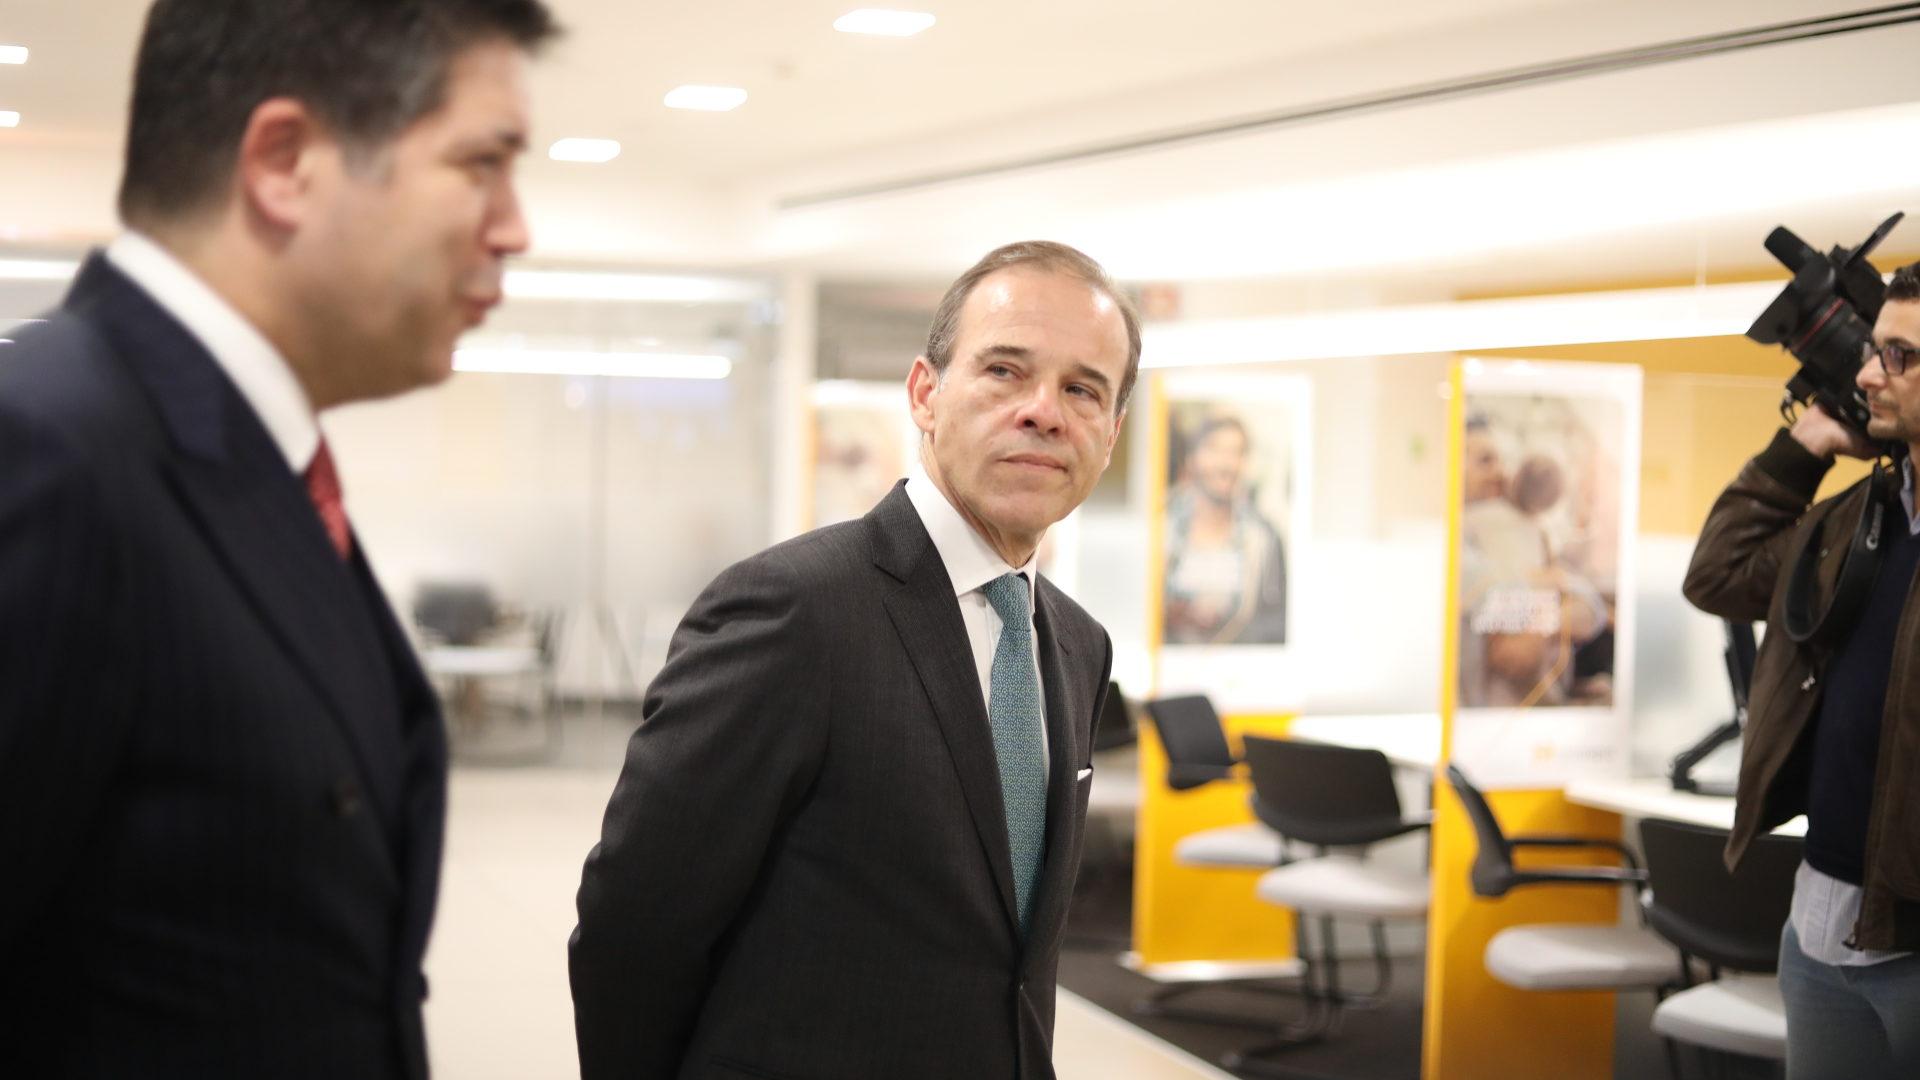 """Félix Morgado na despedida do Montepio: """"É difícil ser vertical, sério, honrado e garantir um governo societário rigoroso"""""""